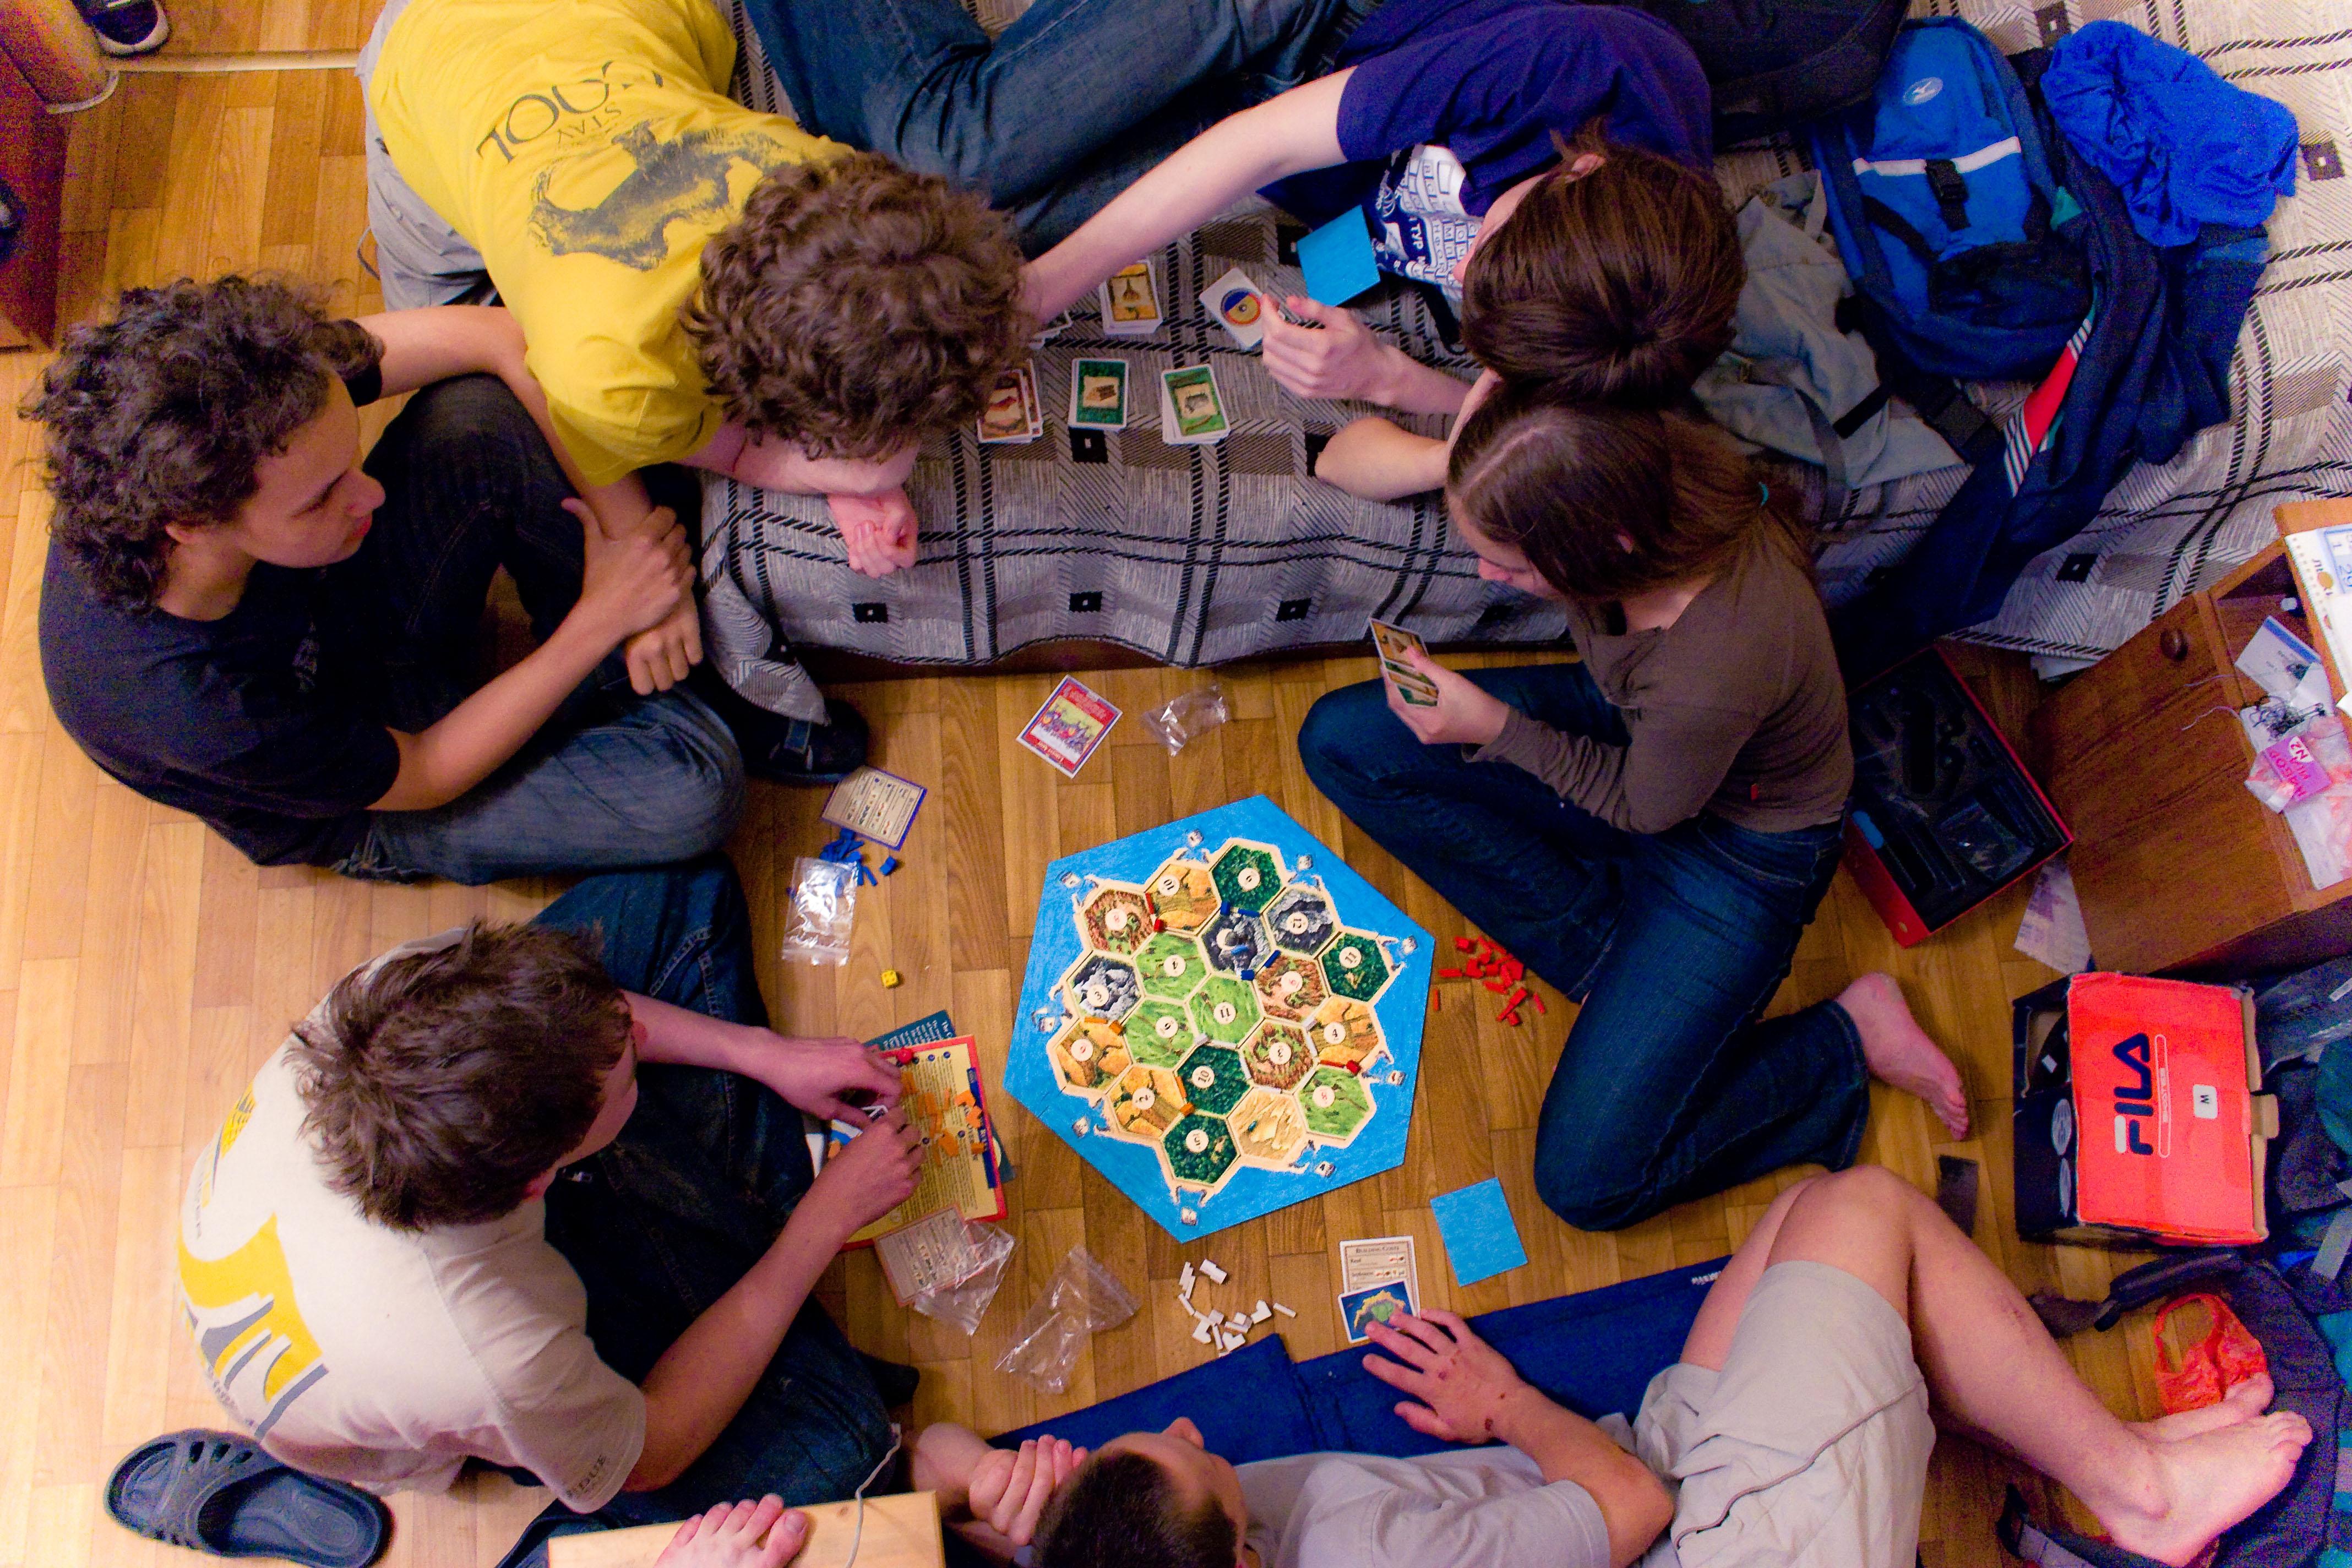 польза настольных игр своими руками